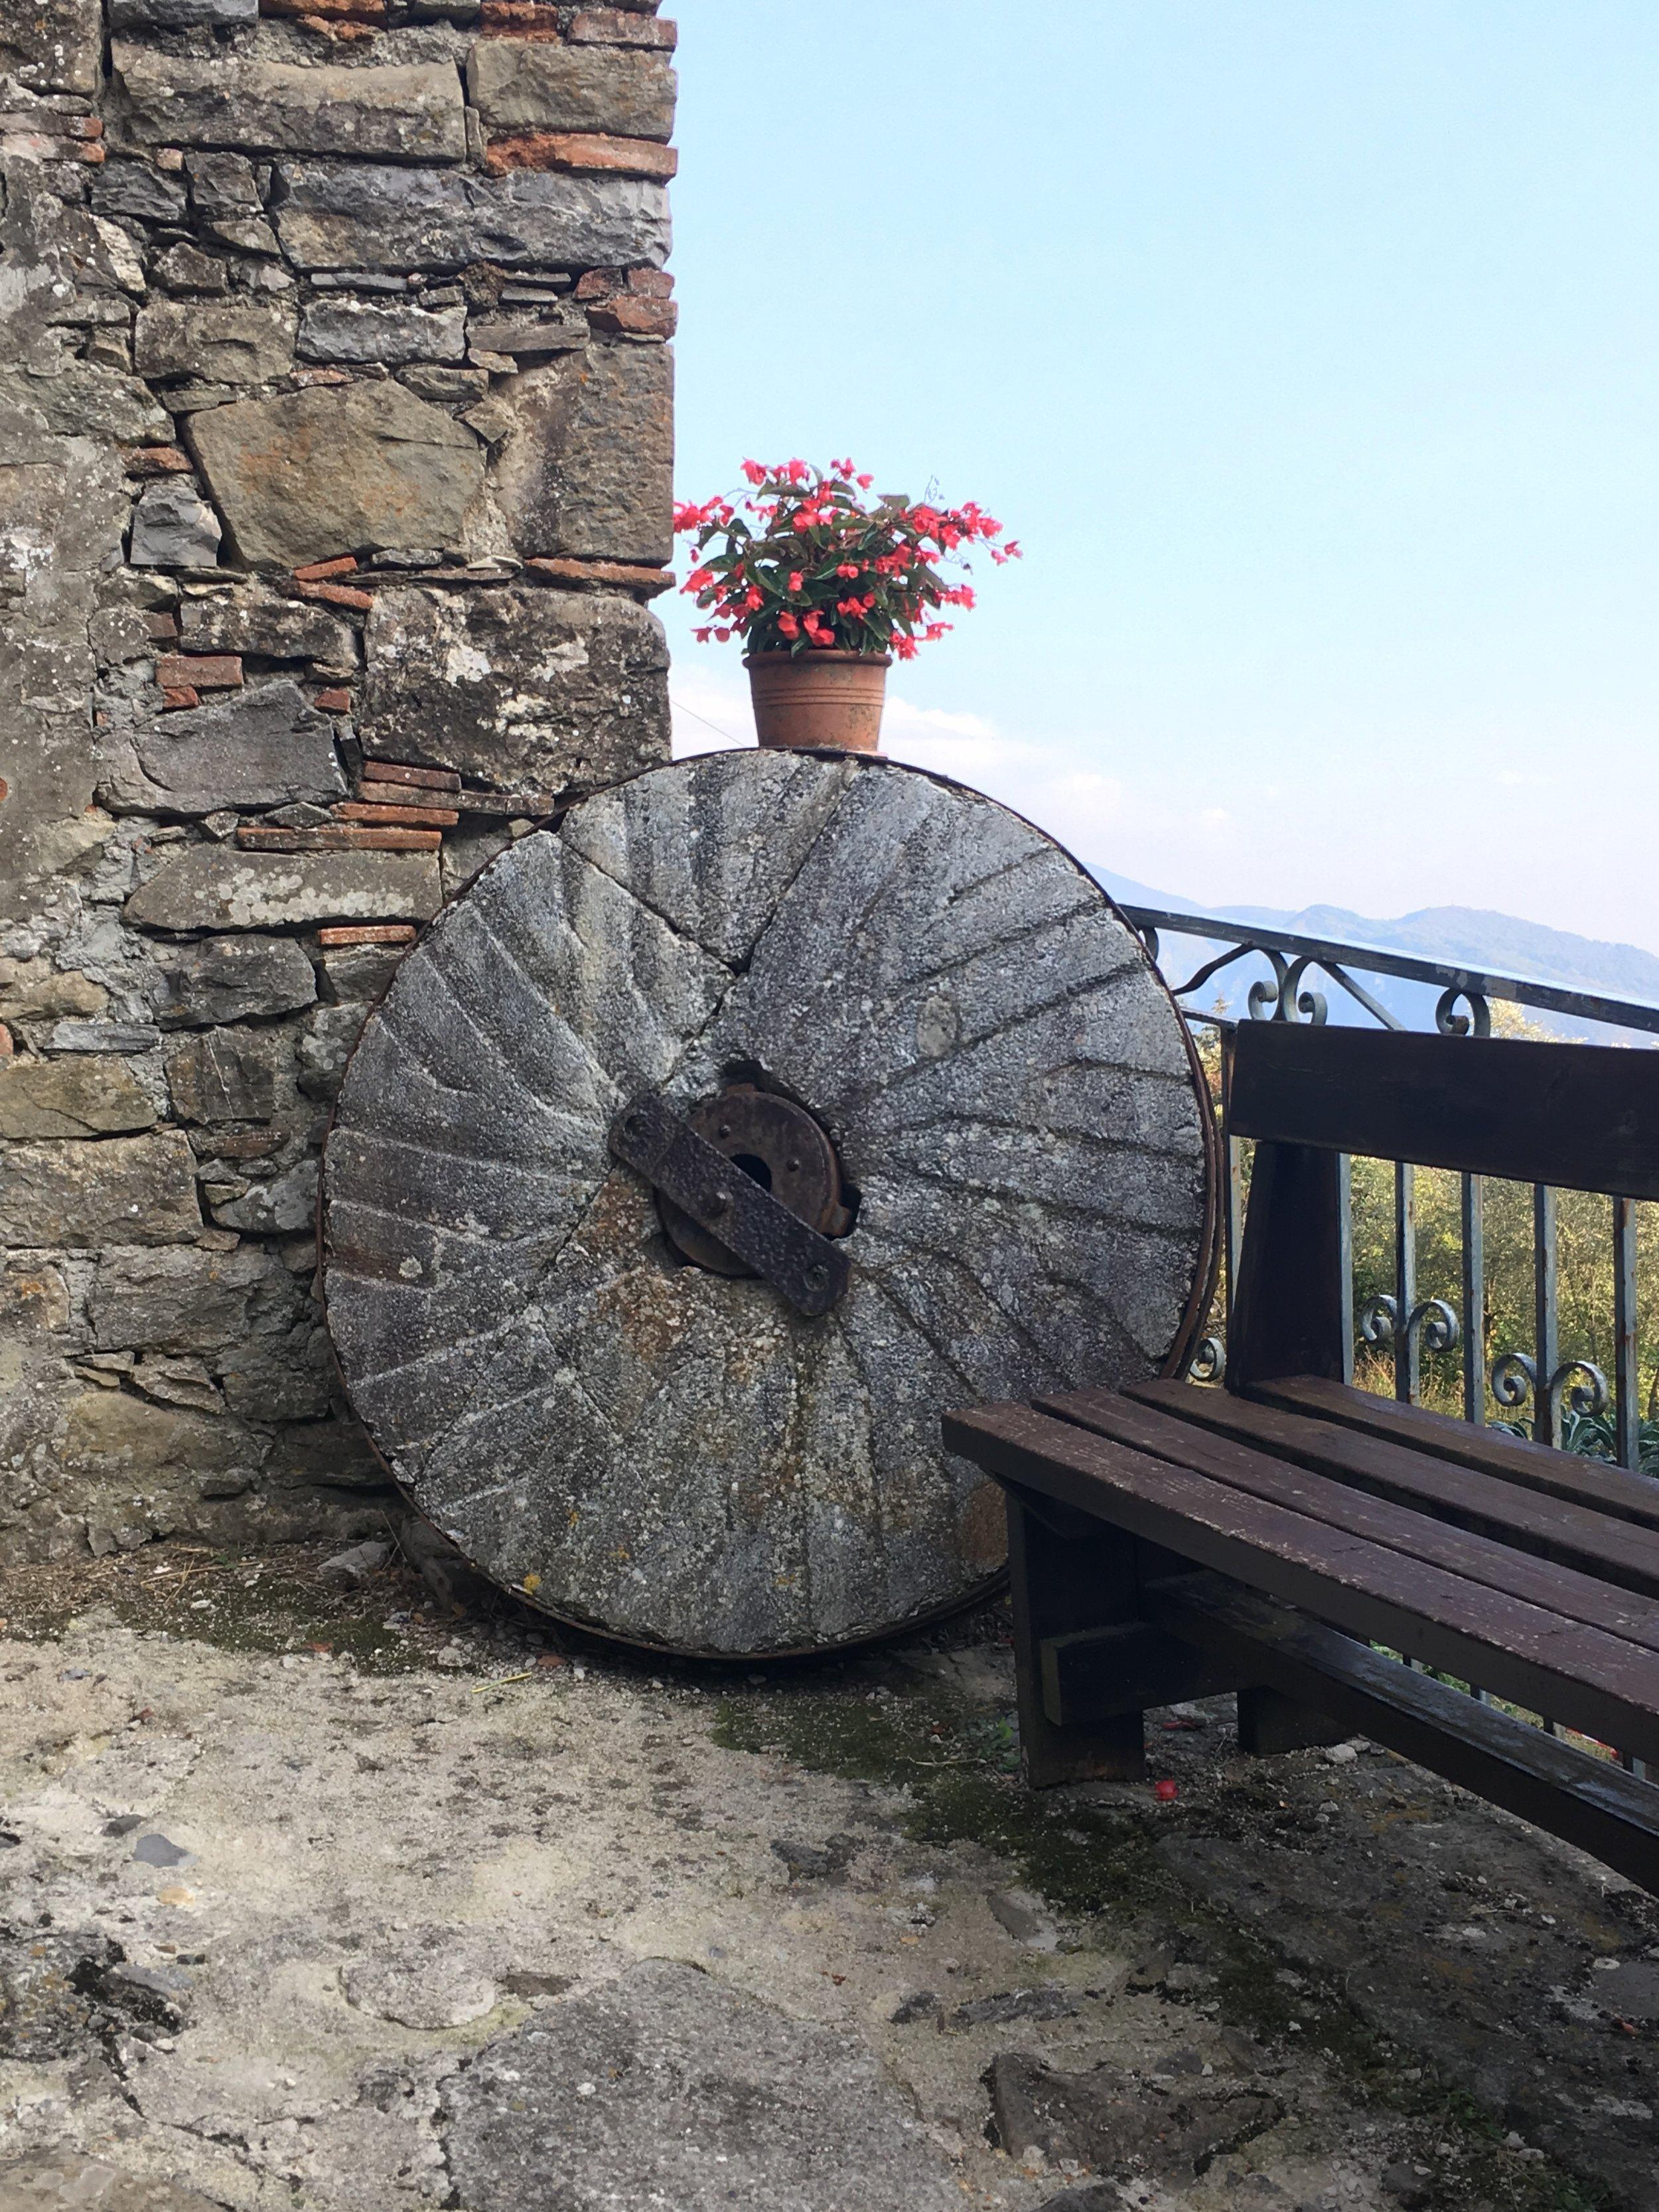 The village of Colognora di Pescaglia